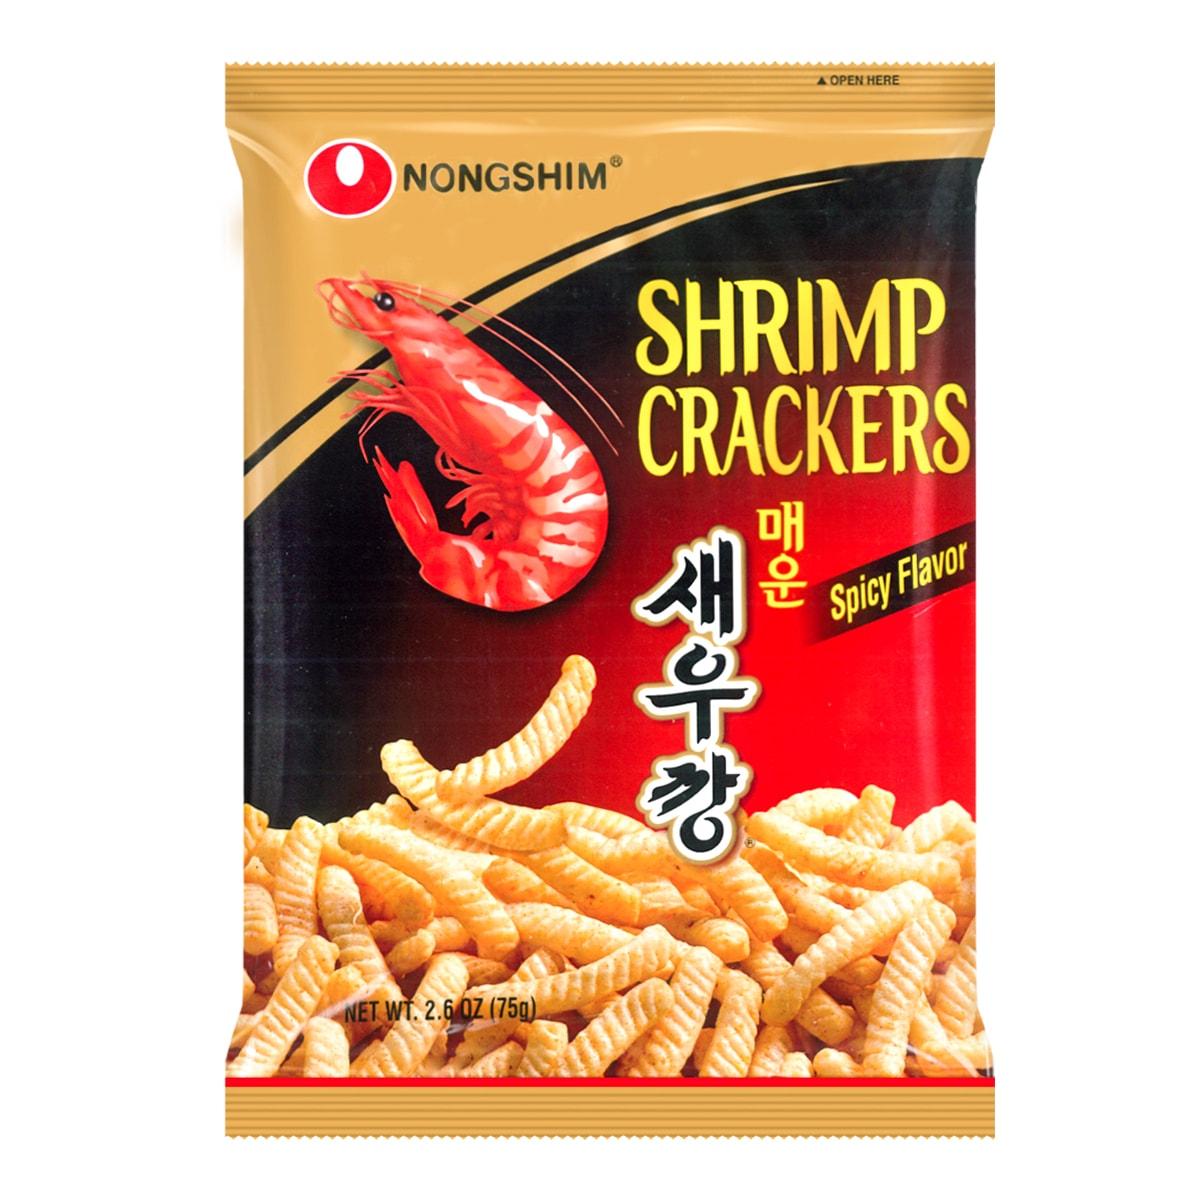 韩国NONGSHIM农心 香脆美味虾条 经典辣味 75g 怎么样 - 亚米网